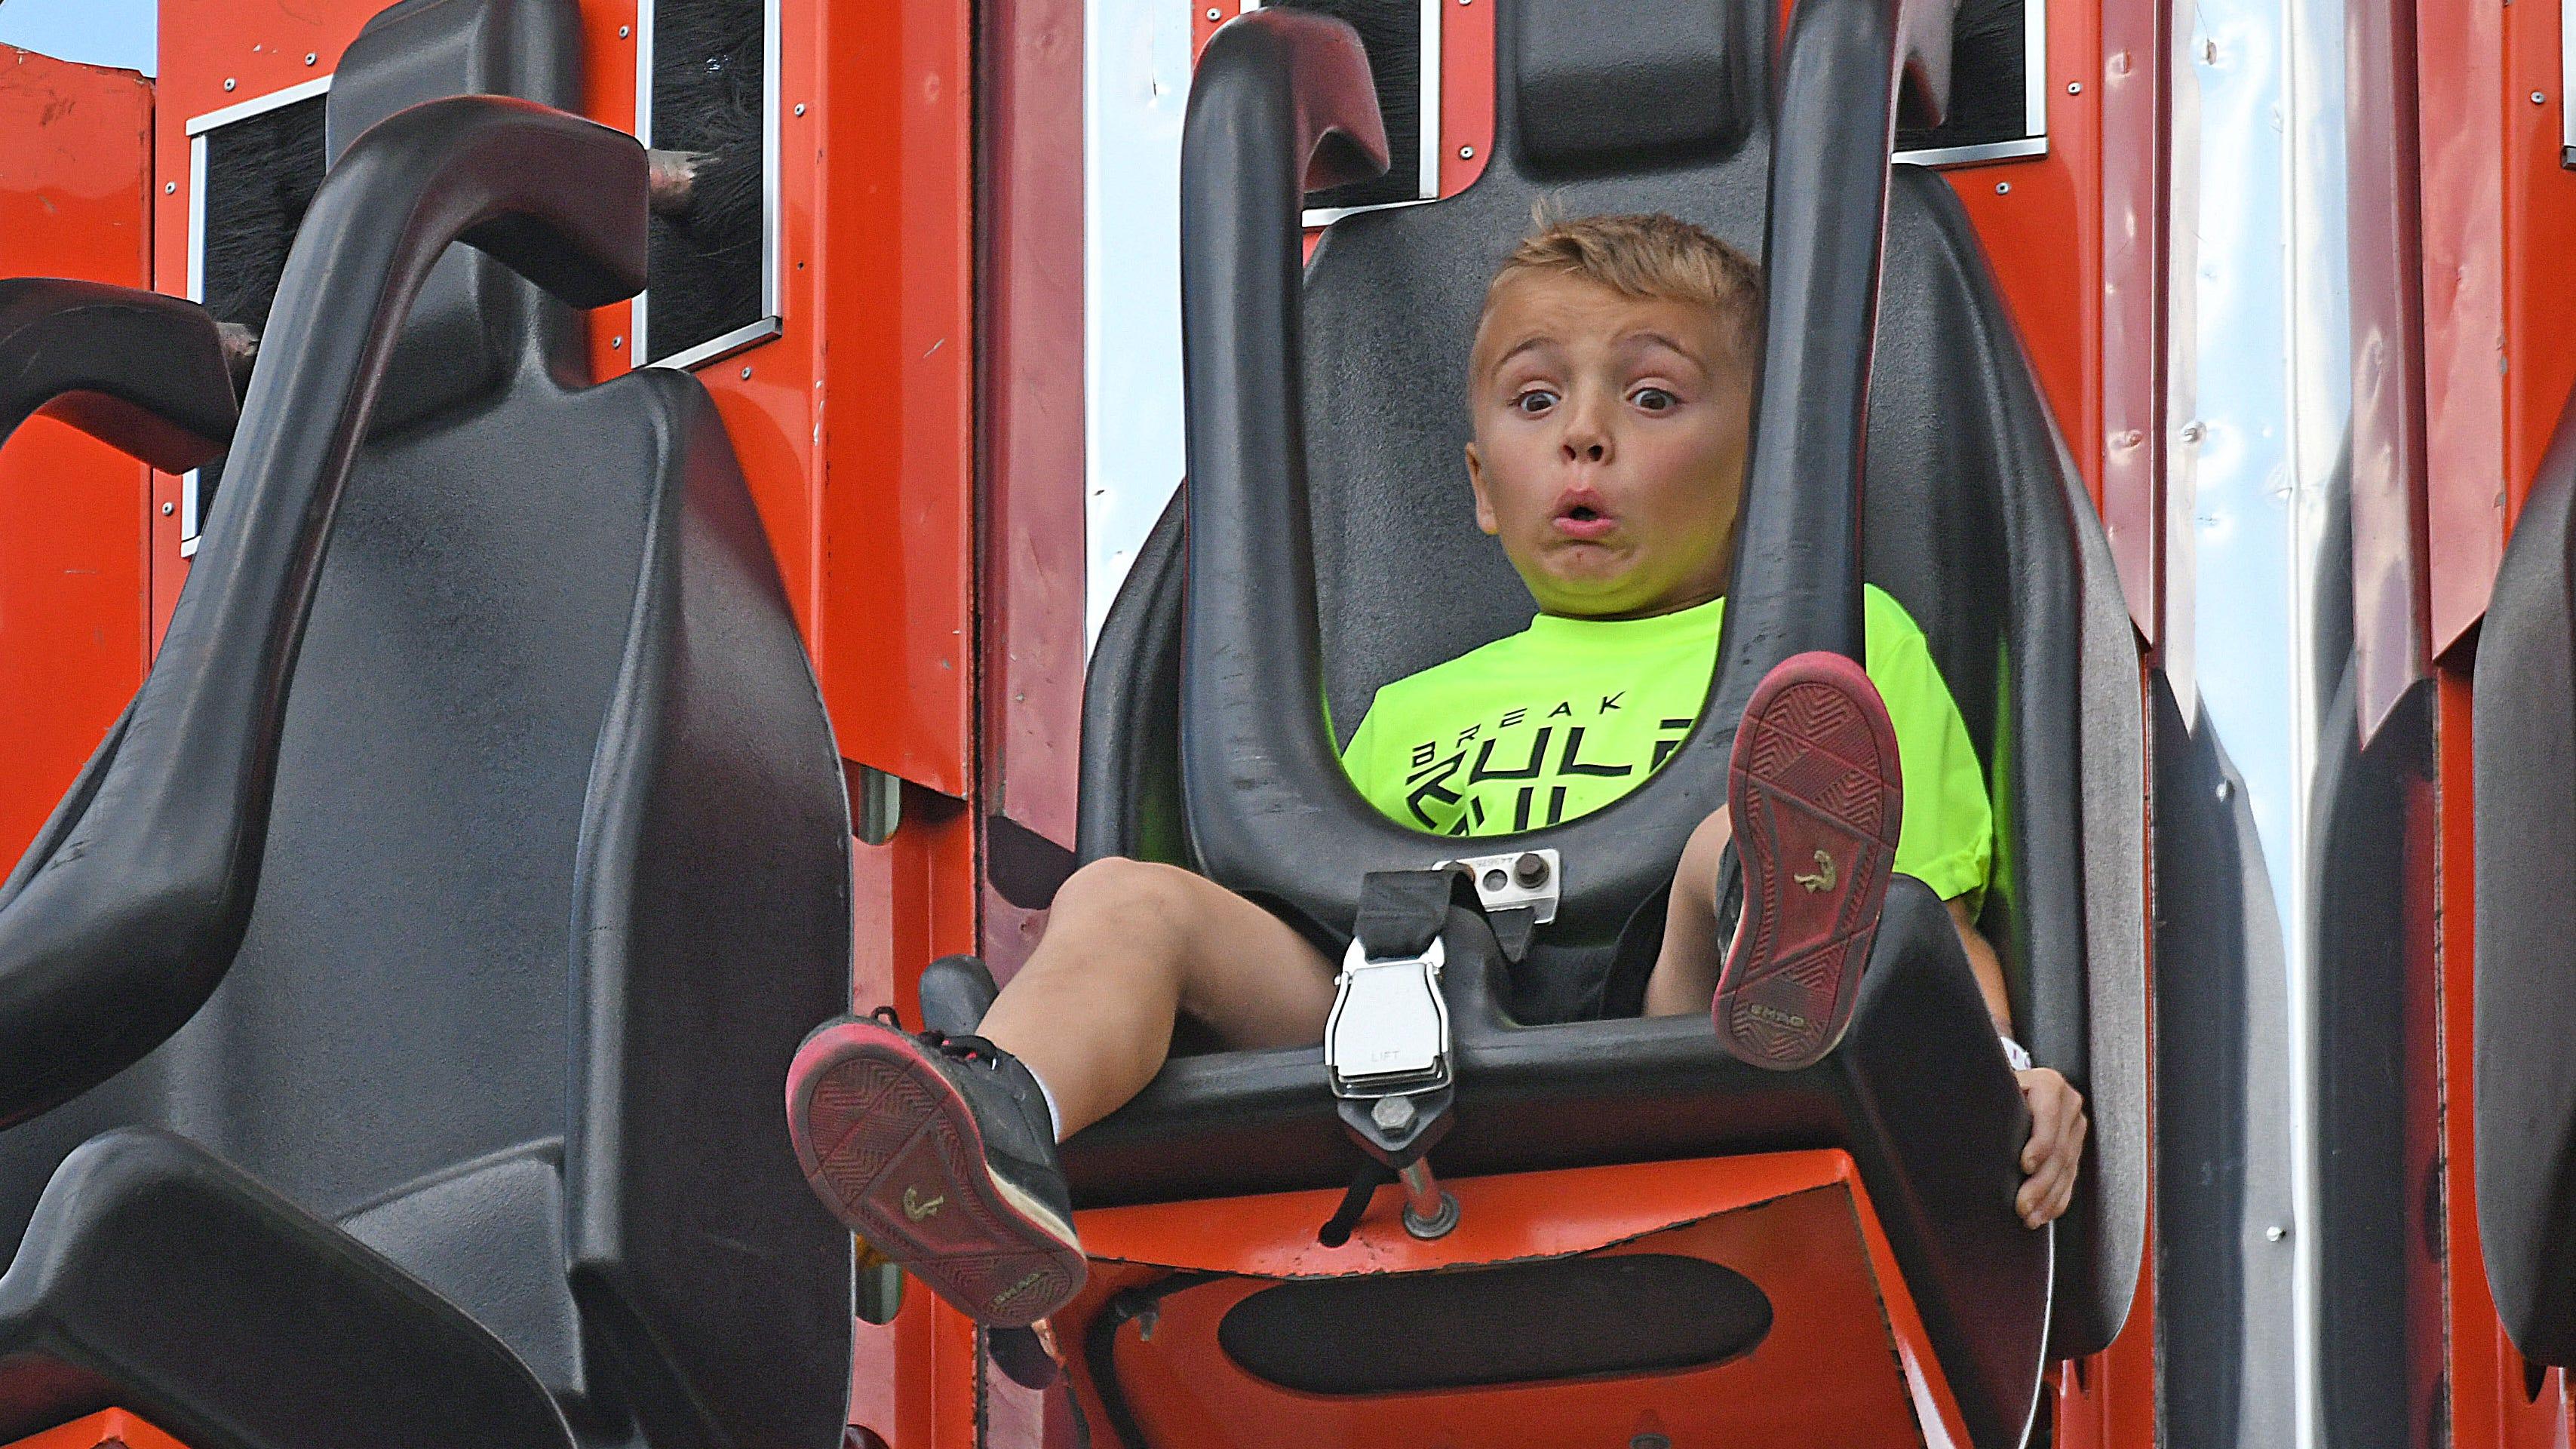 On Youth Day, families flood the Ashland County Fair